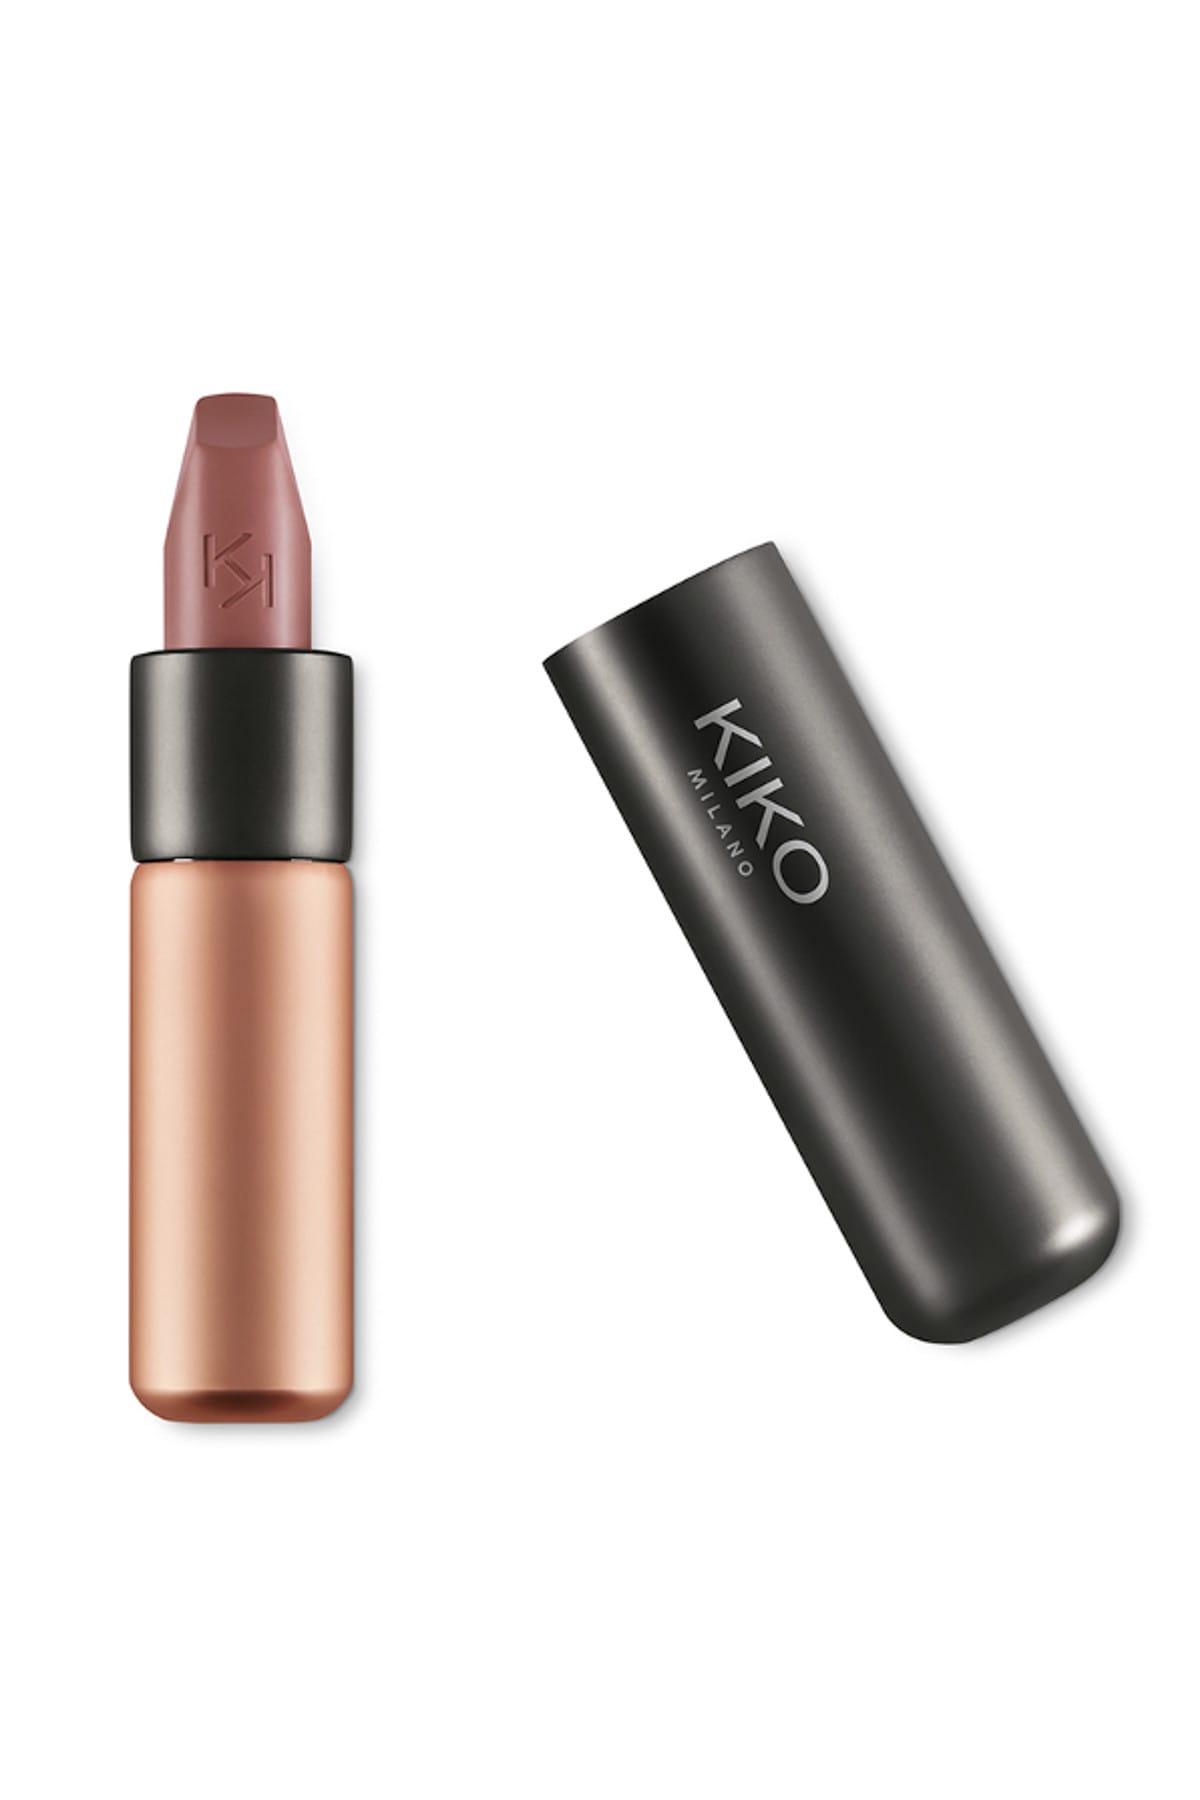 Saten Mat Ruj - Velvet Passion Matte Lipstick 328 Rosy Brown 8025272629850